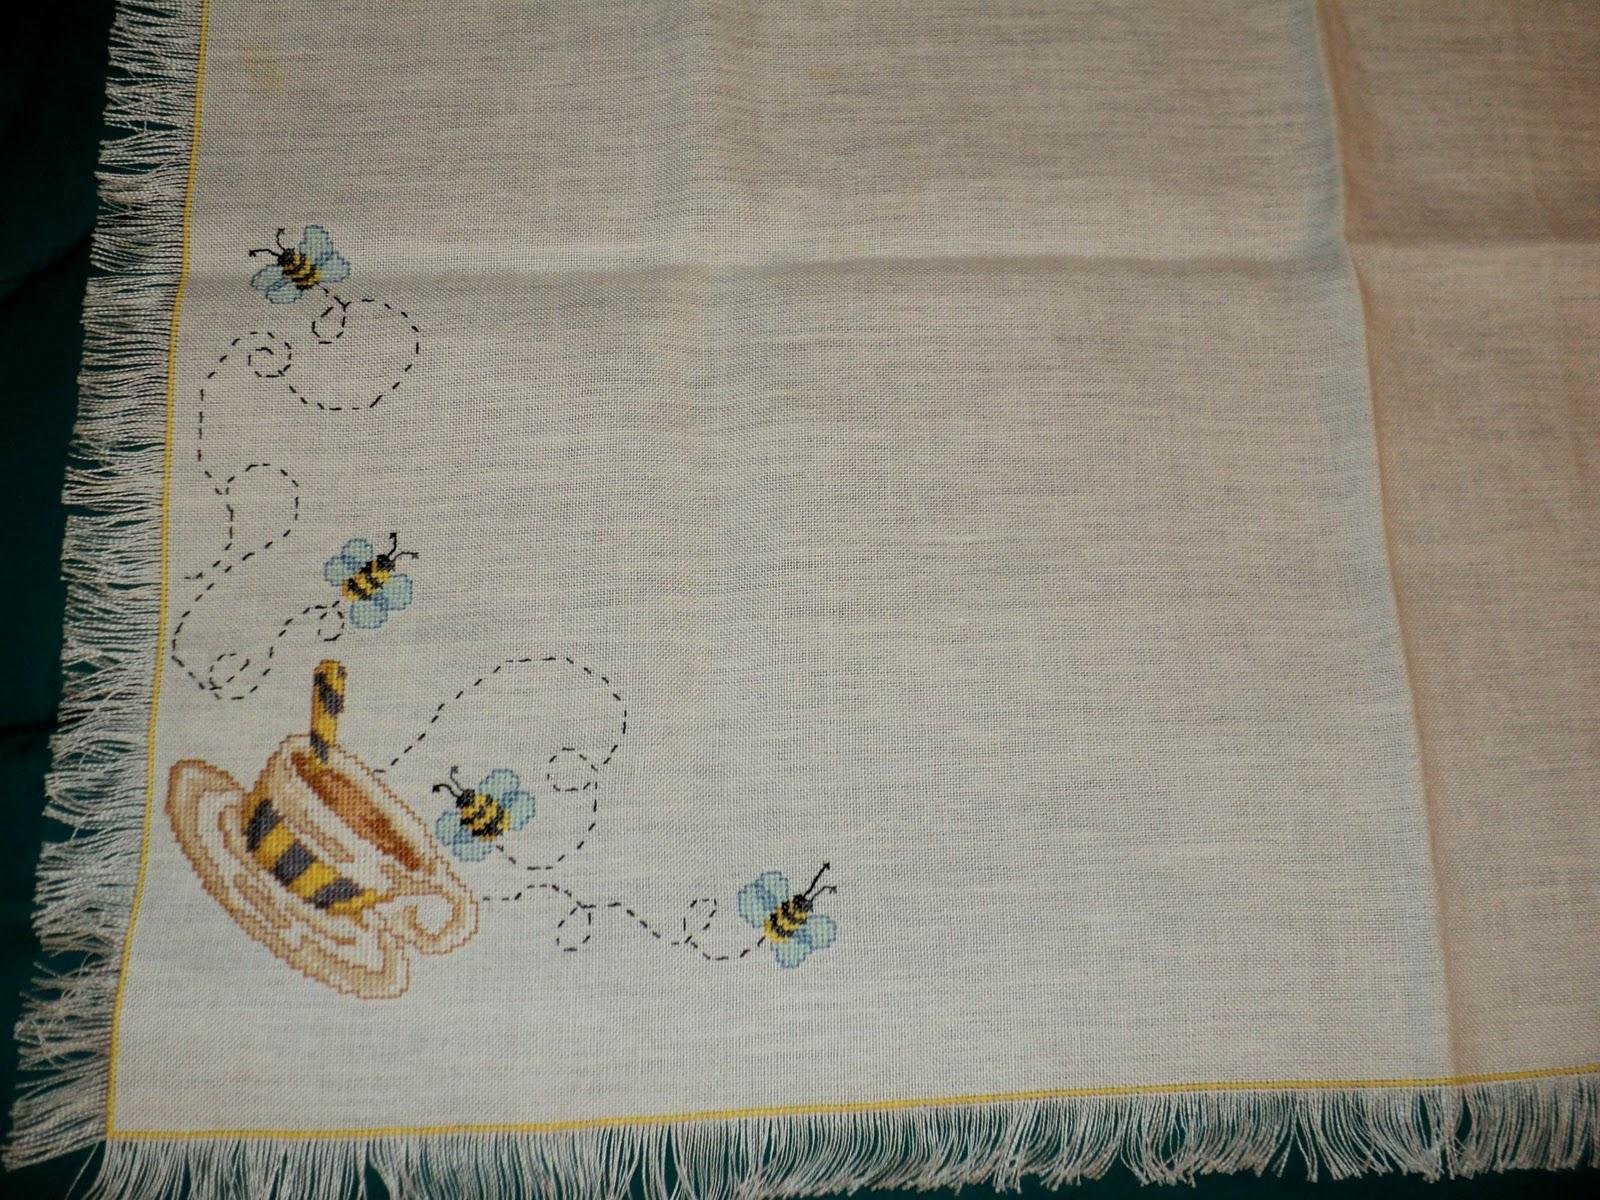 Creando ricamando tovaglietta punto croce fantasia api - Disegni punto croce per tovaglie da tavola ...